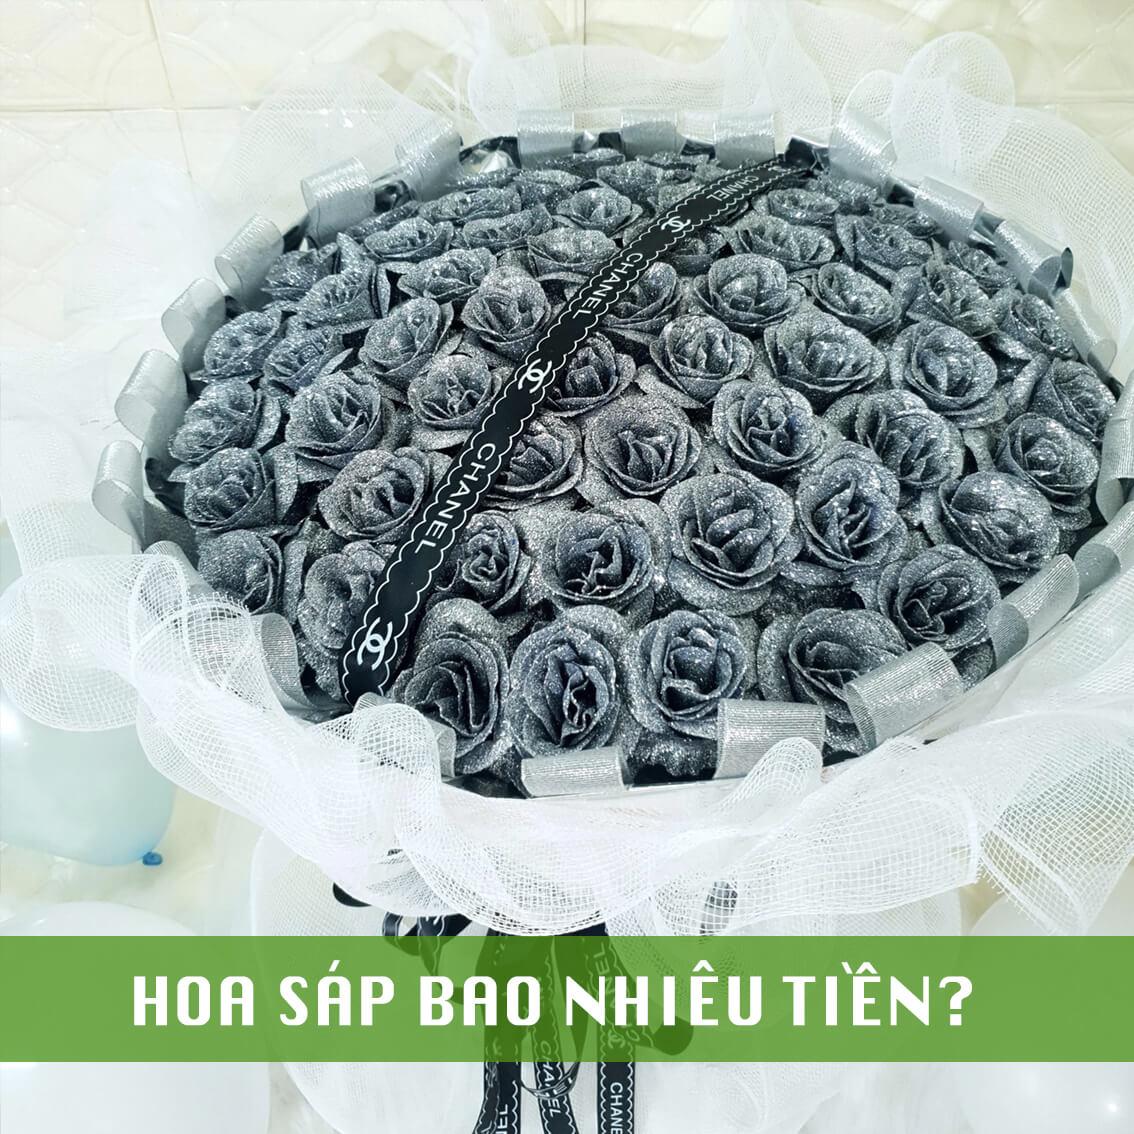 hoa sáp bao nhiêu tiền